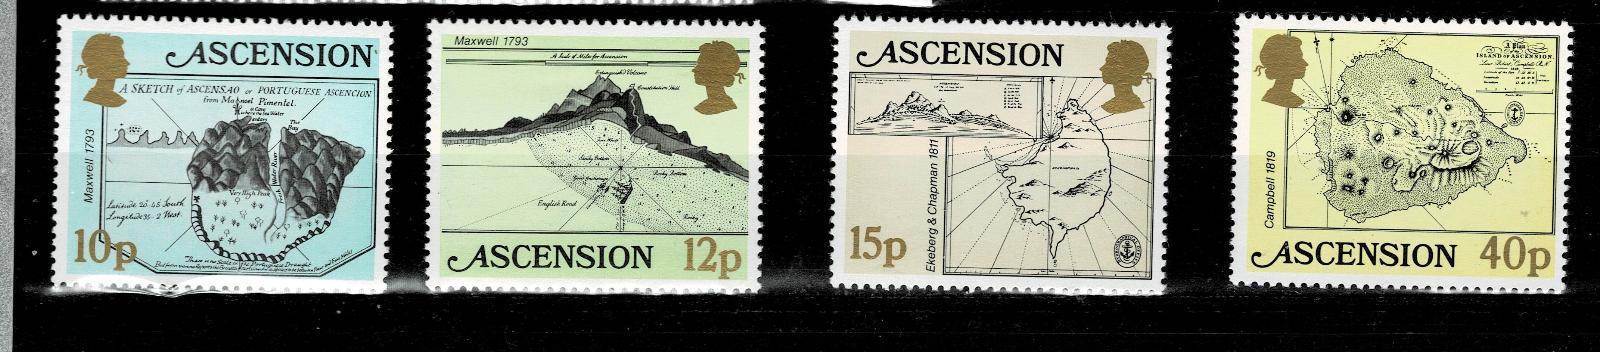 Ascension Island - Mapy ostrova Ascension  Mi 291/4* Nr.80 - Filatelie